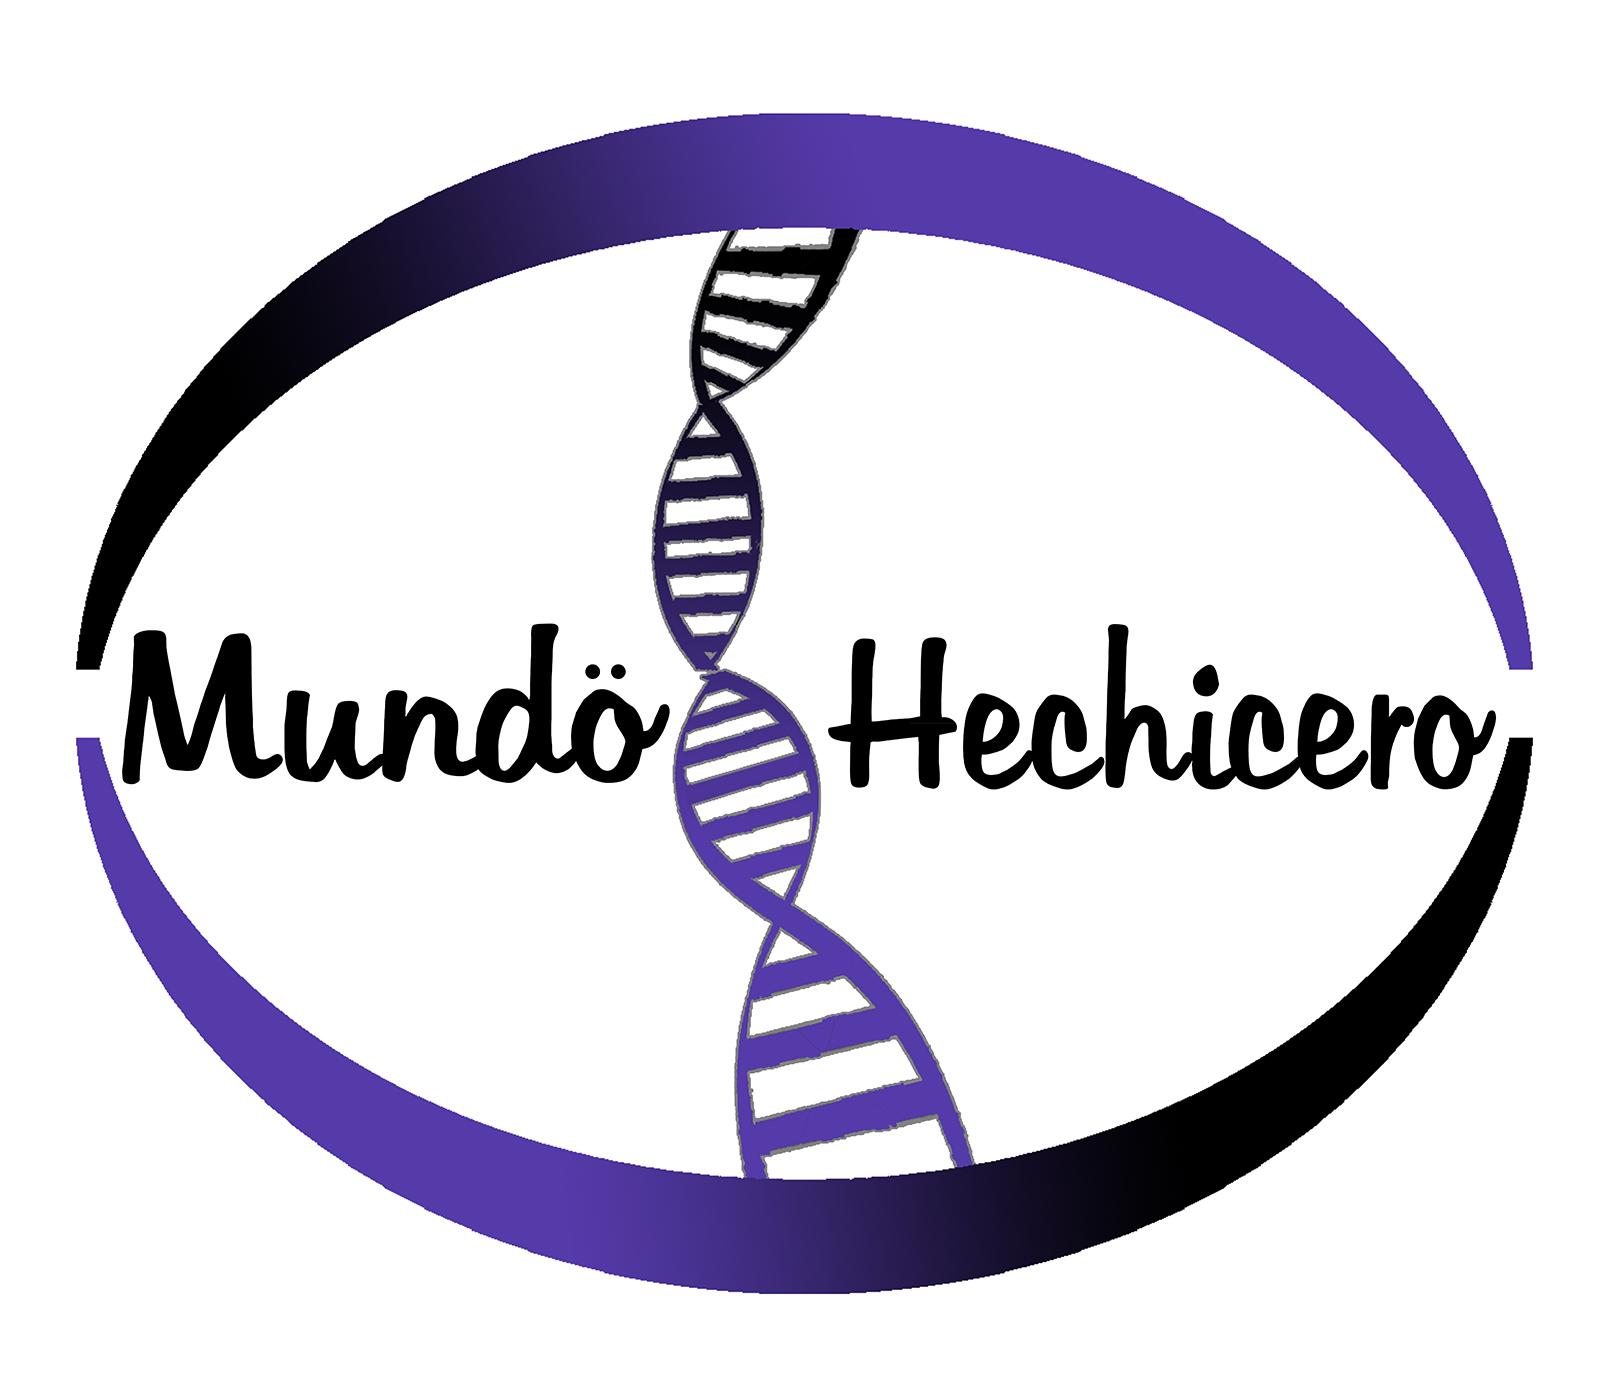 Mundo Hechicero